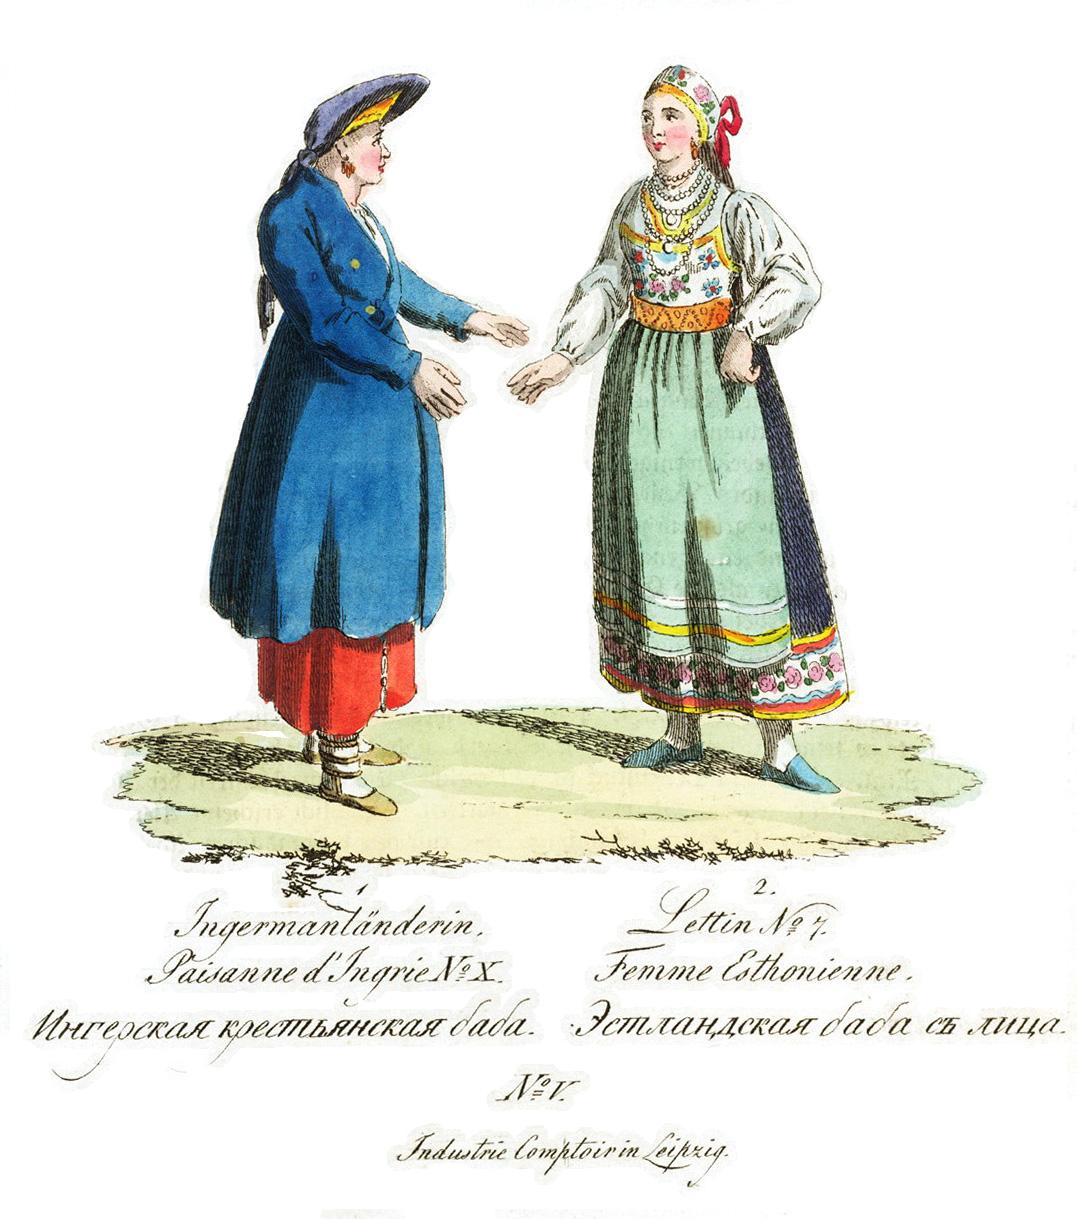 5. Ингерская крестьянская баба. Эстландская баба с лица.